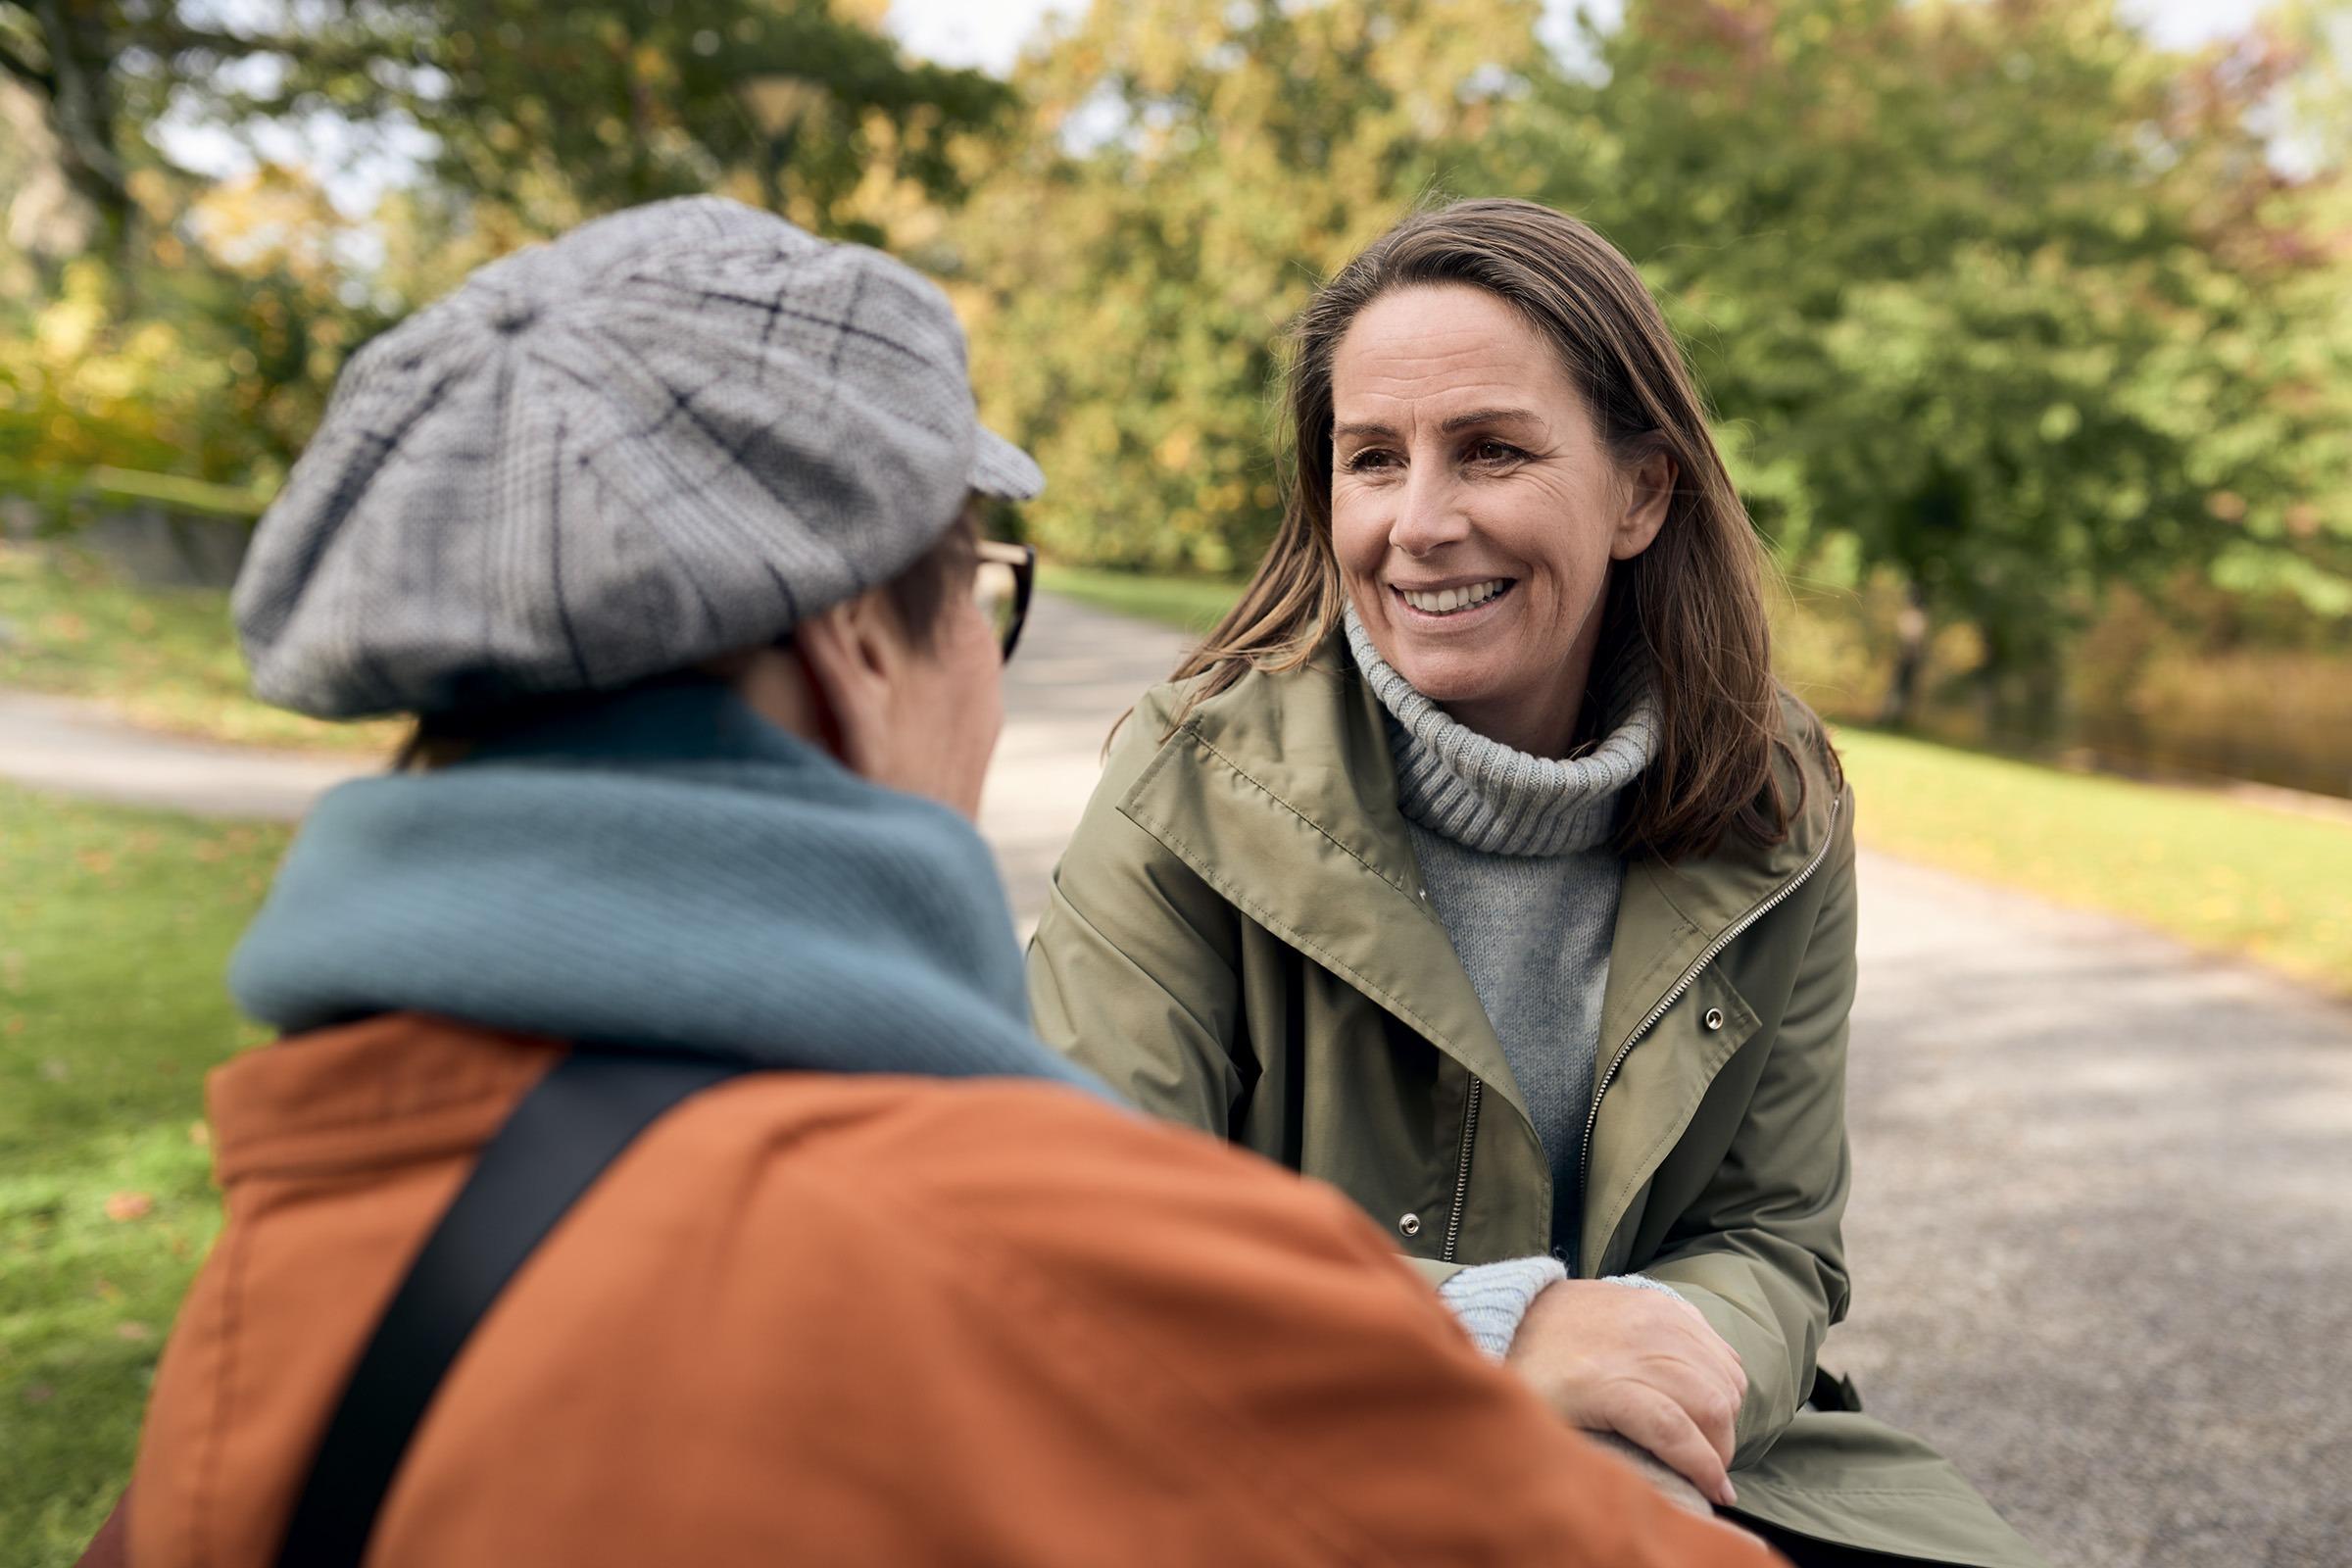 Två kvinnor i samtal på en parkbänk. Den ena kvinnan ler mot den andra.